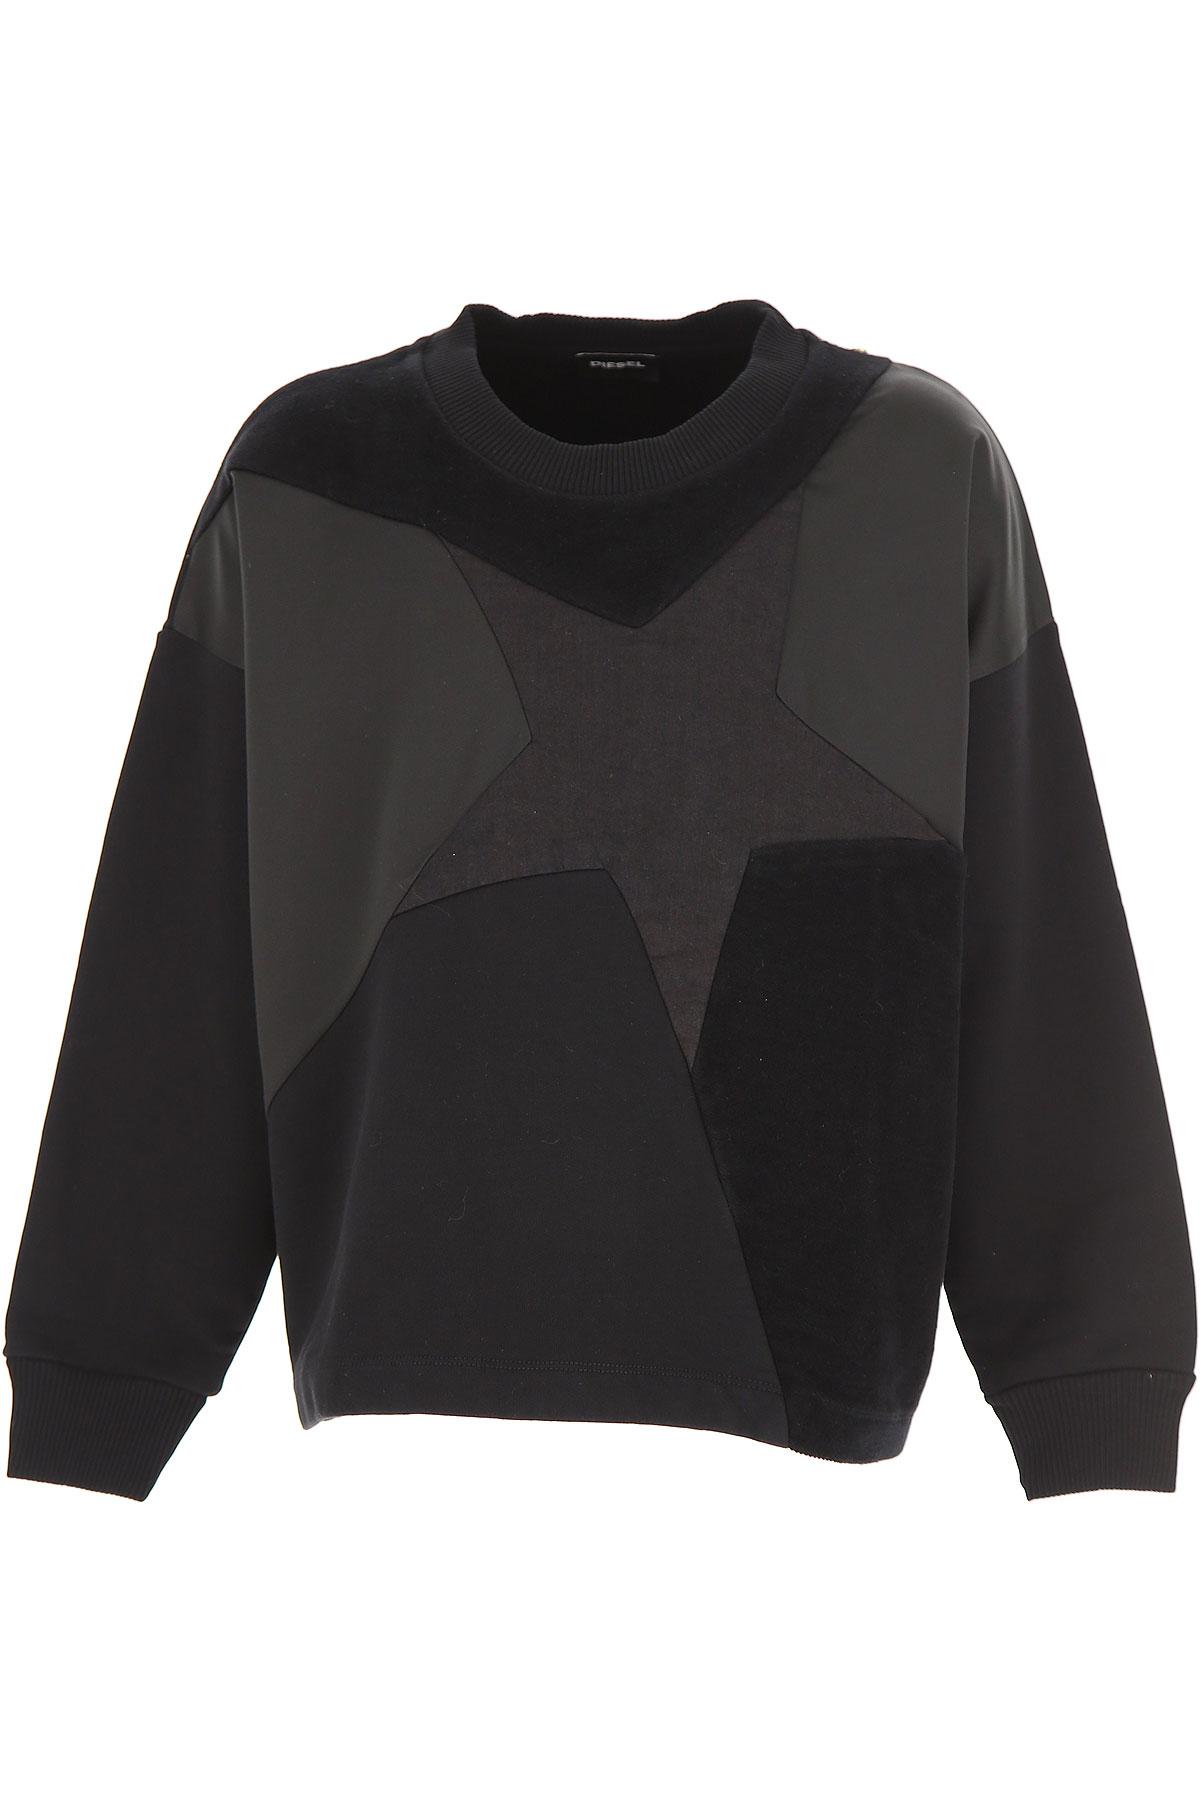 Image of Diesel Kids Sweatshirts & Hoodies for Girls, Black, Cotton, 2017, 10Y 14Y 16Y 8Y